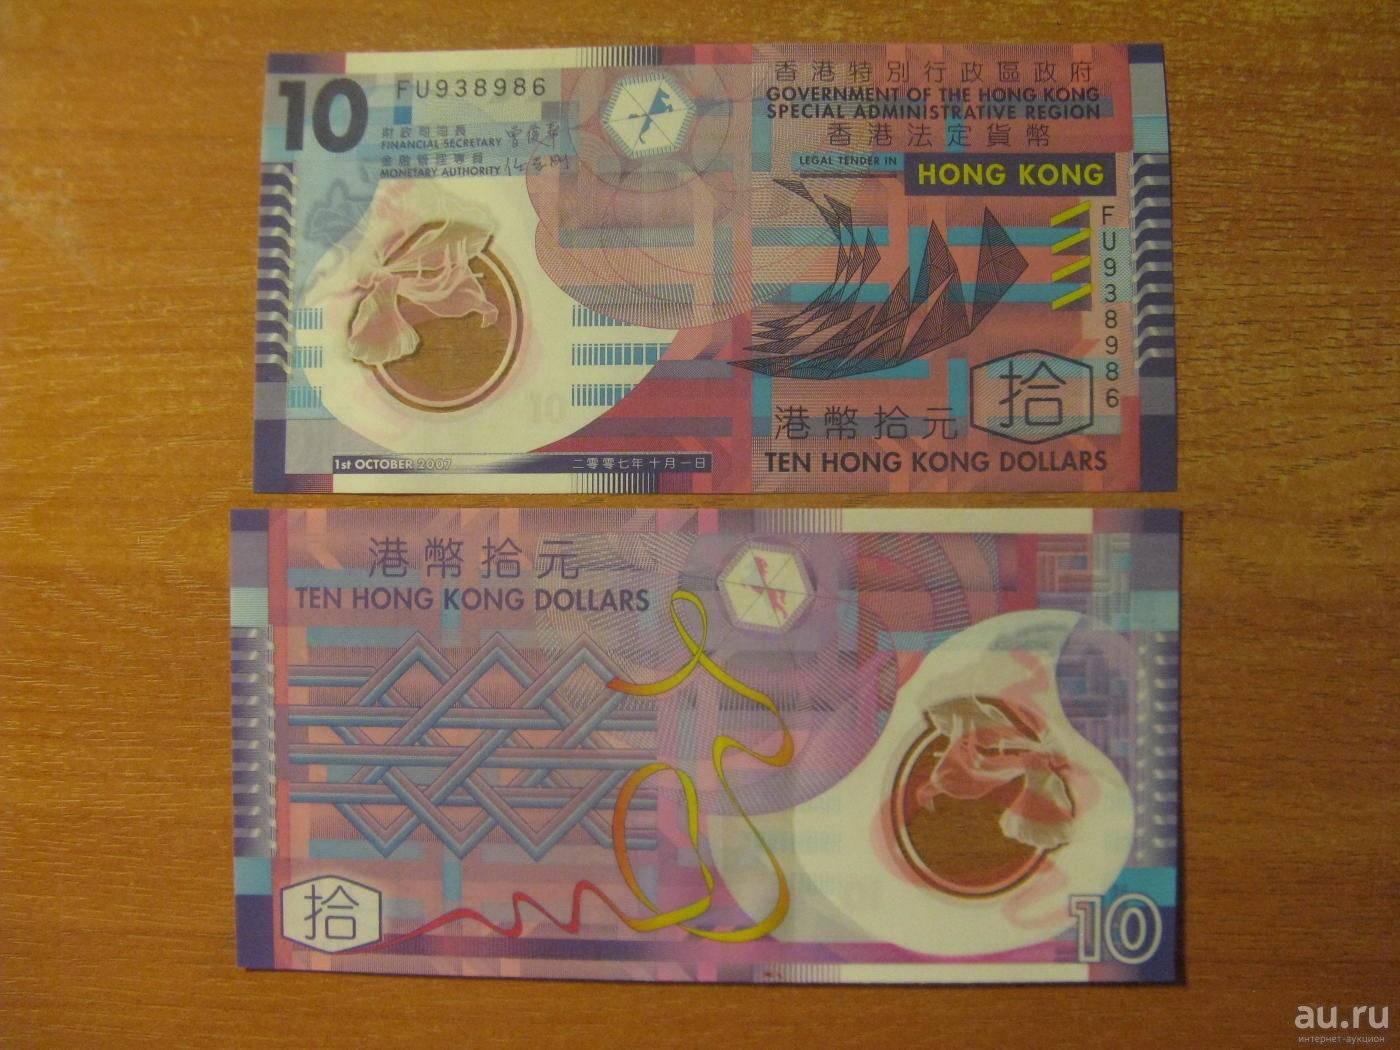 Гонконгские доллары - собственная валюта гонконга